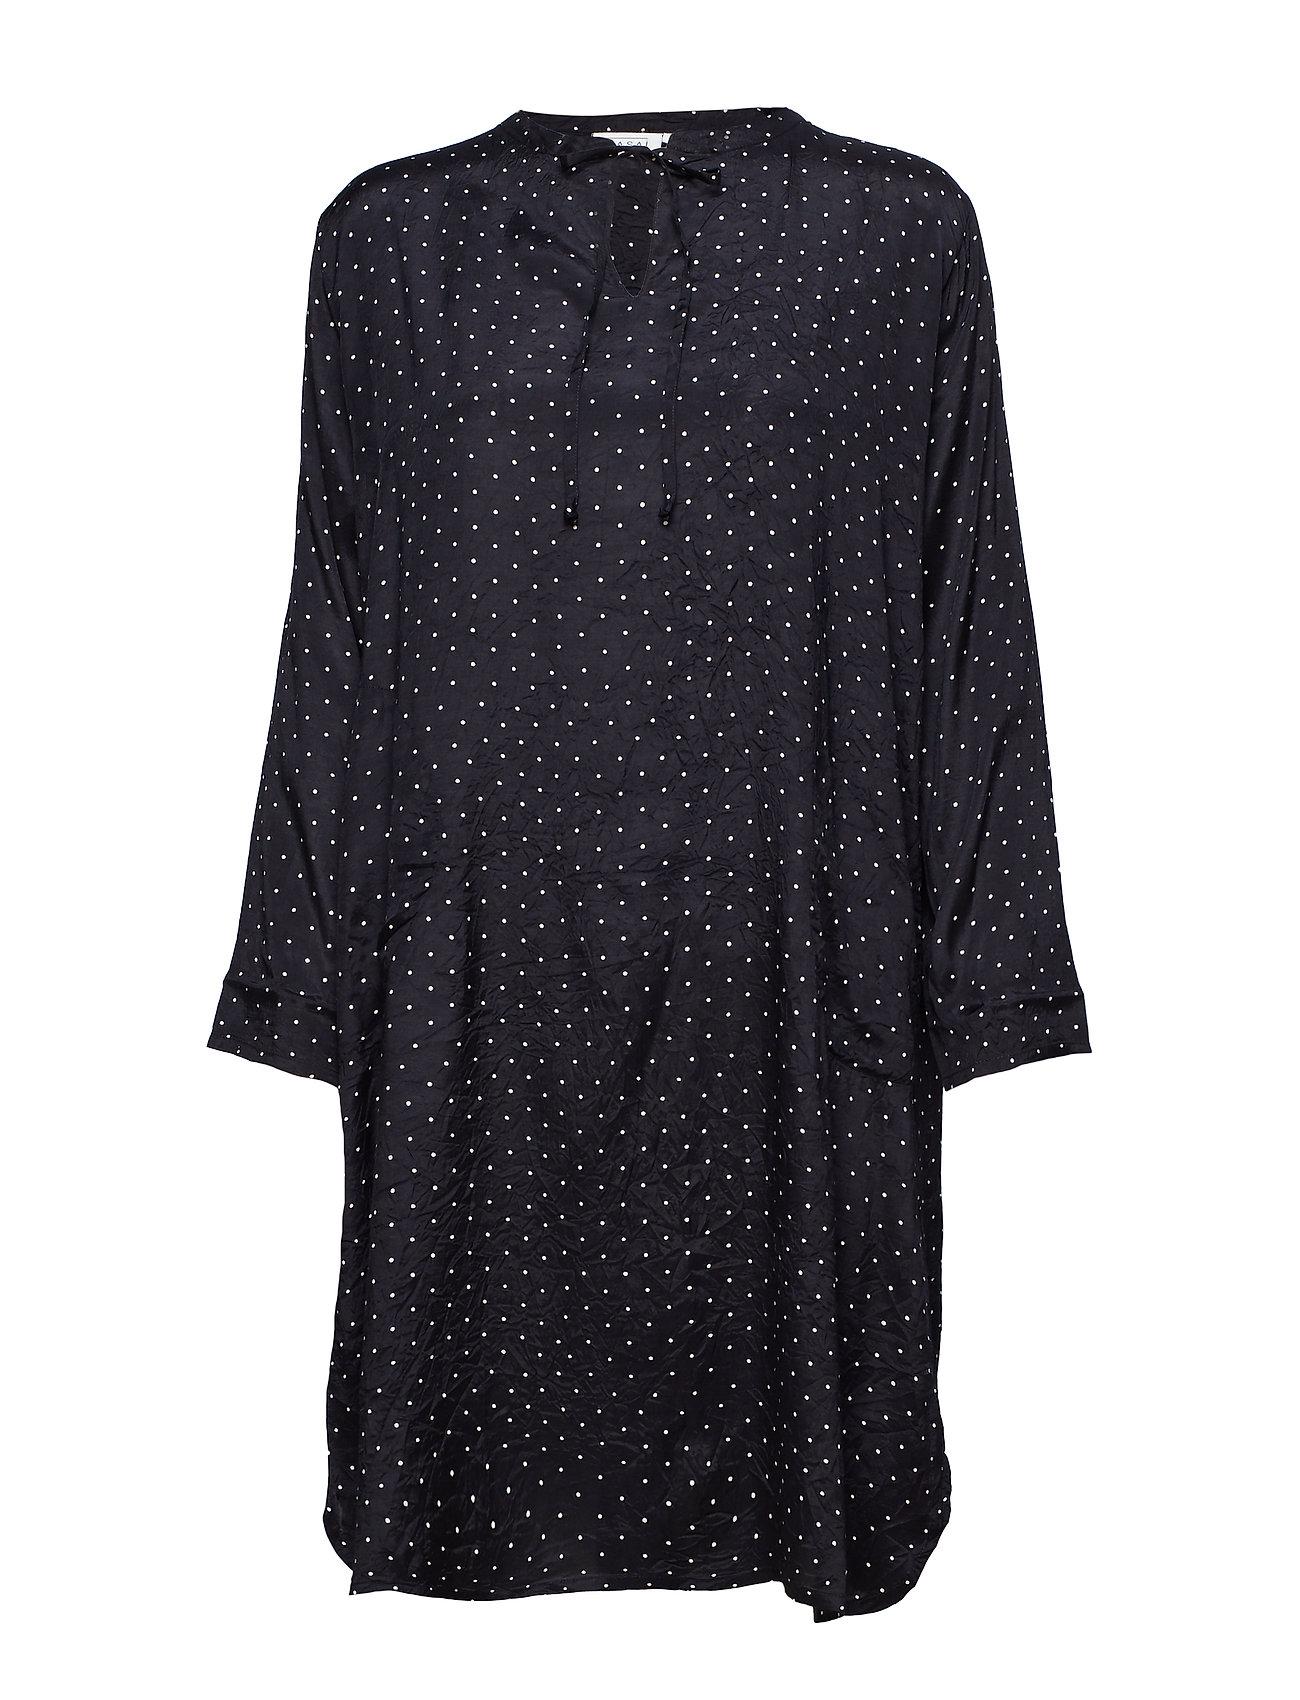 Masai Nanette dress - BLACK ORG